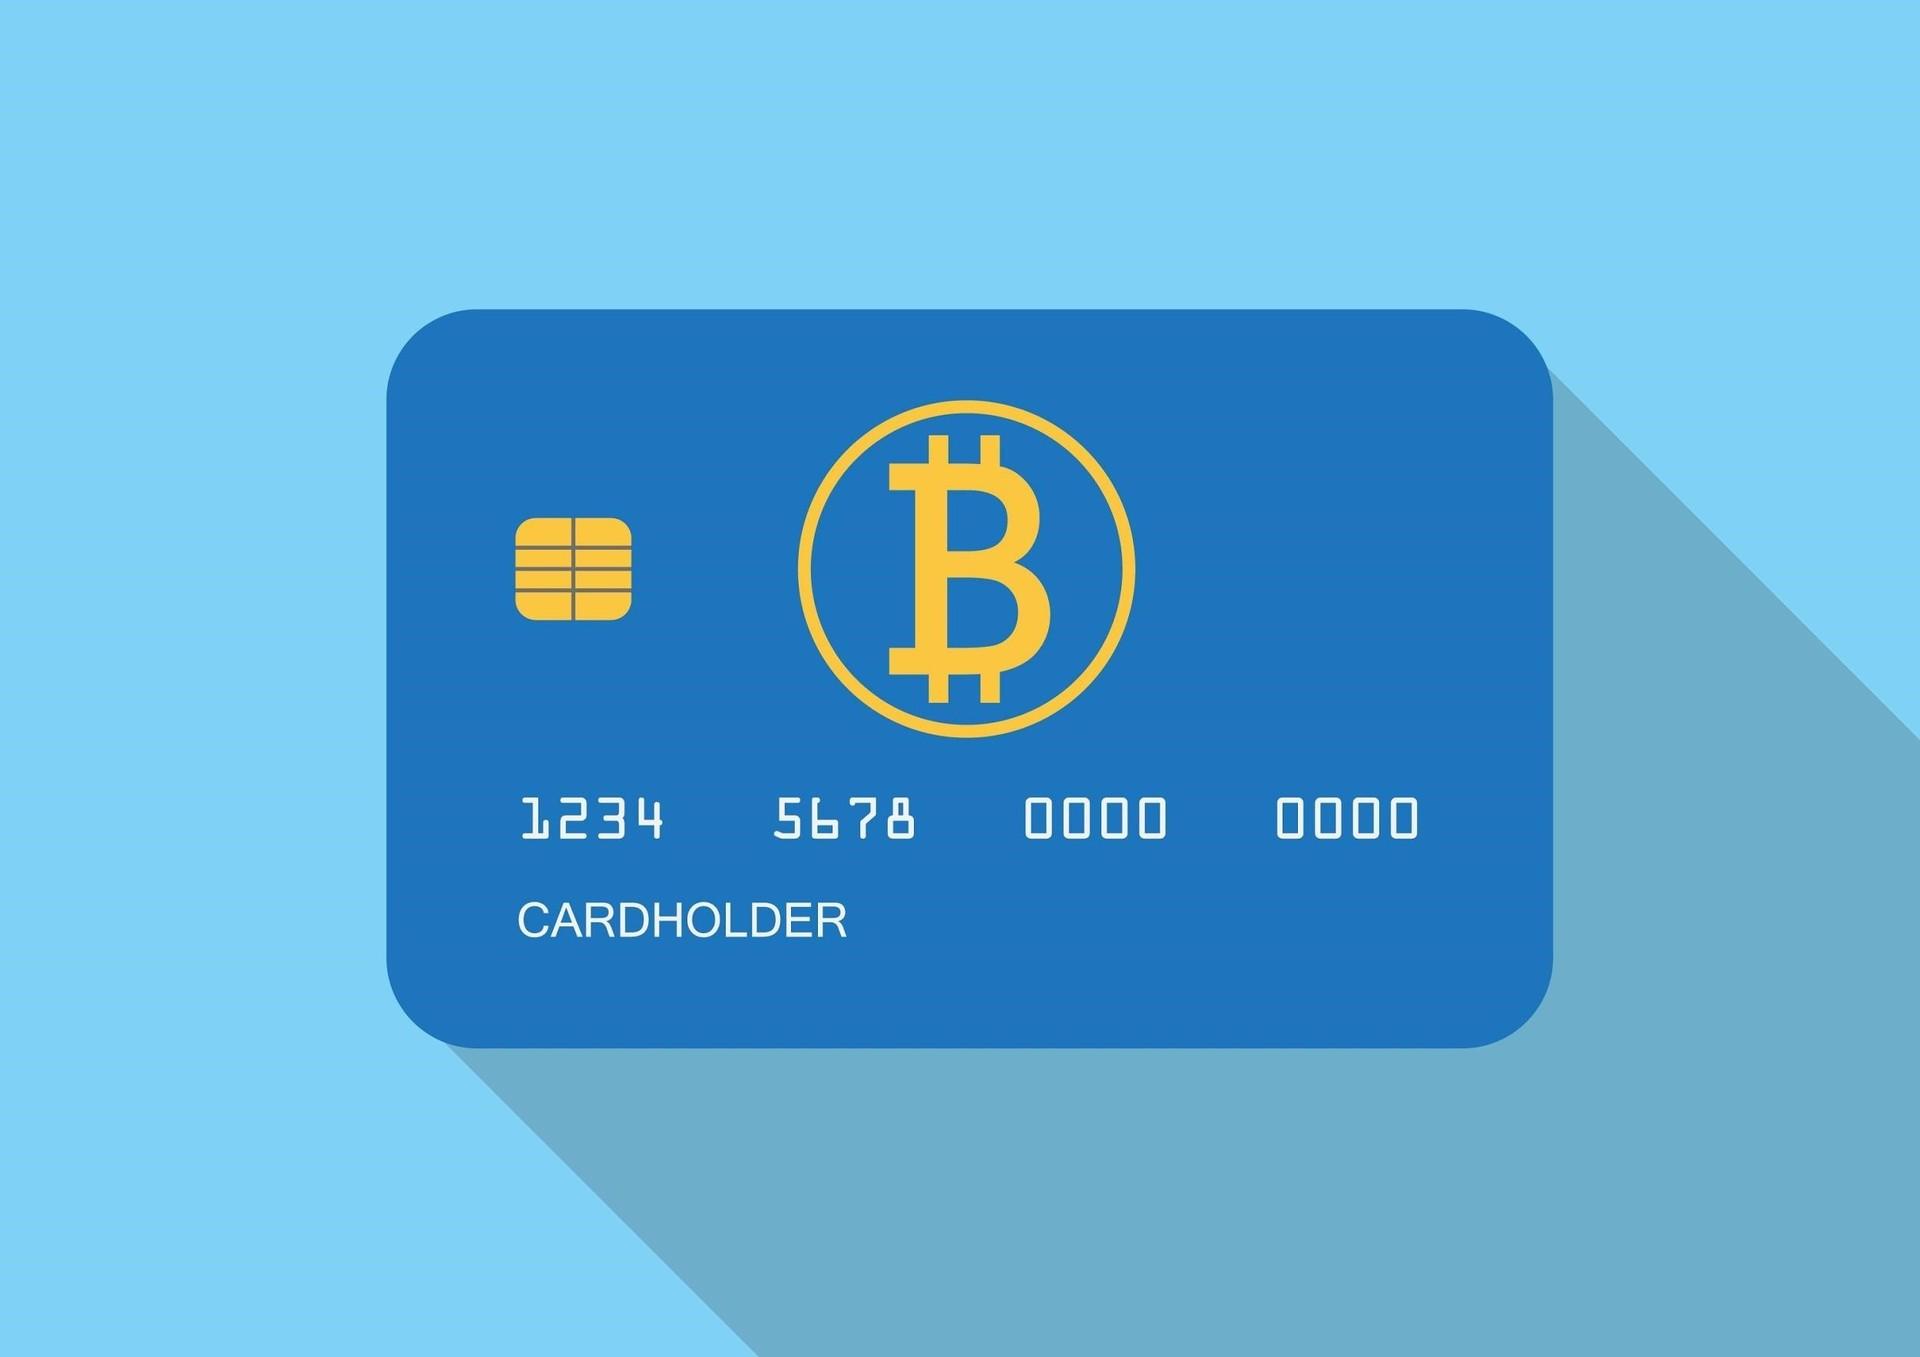 Что нужно знать о пластиковых картах Bitcoin - 1